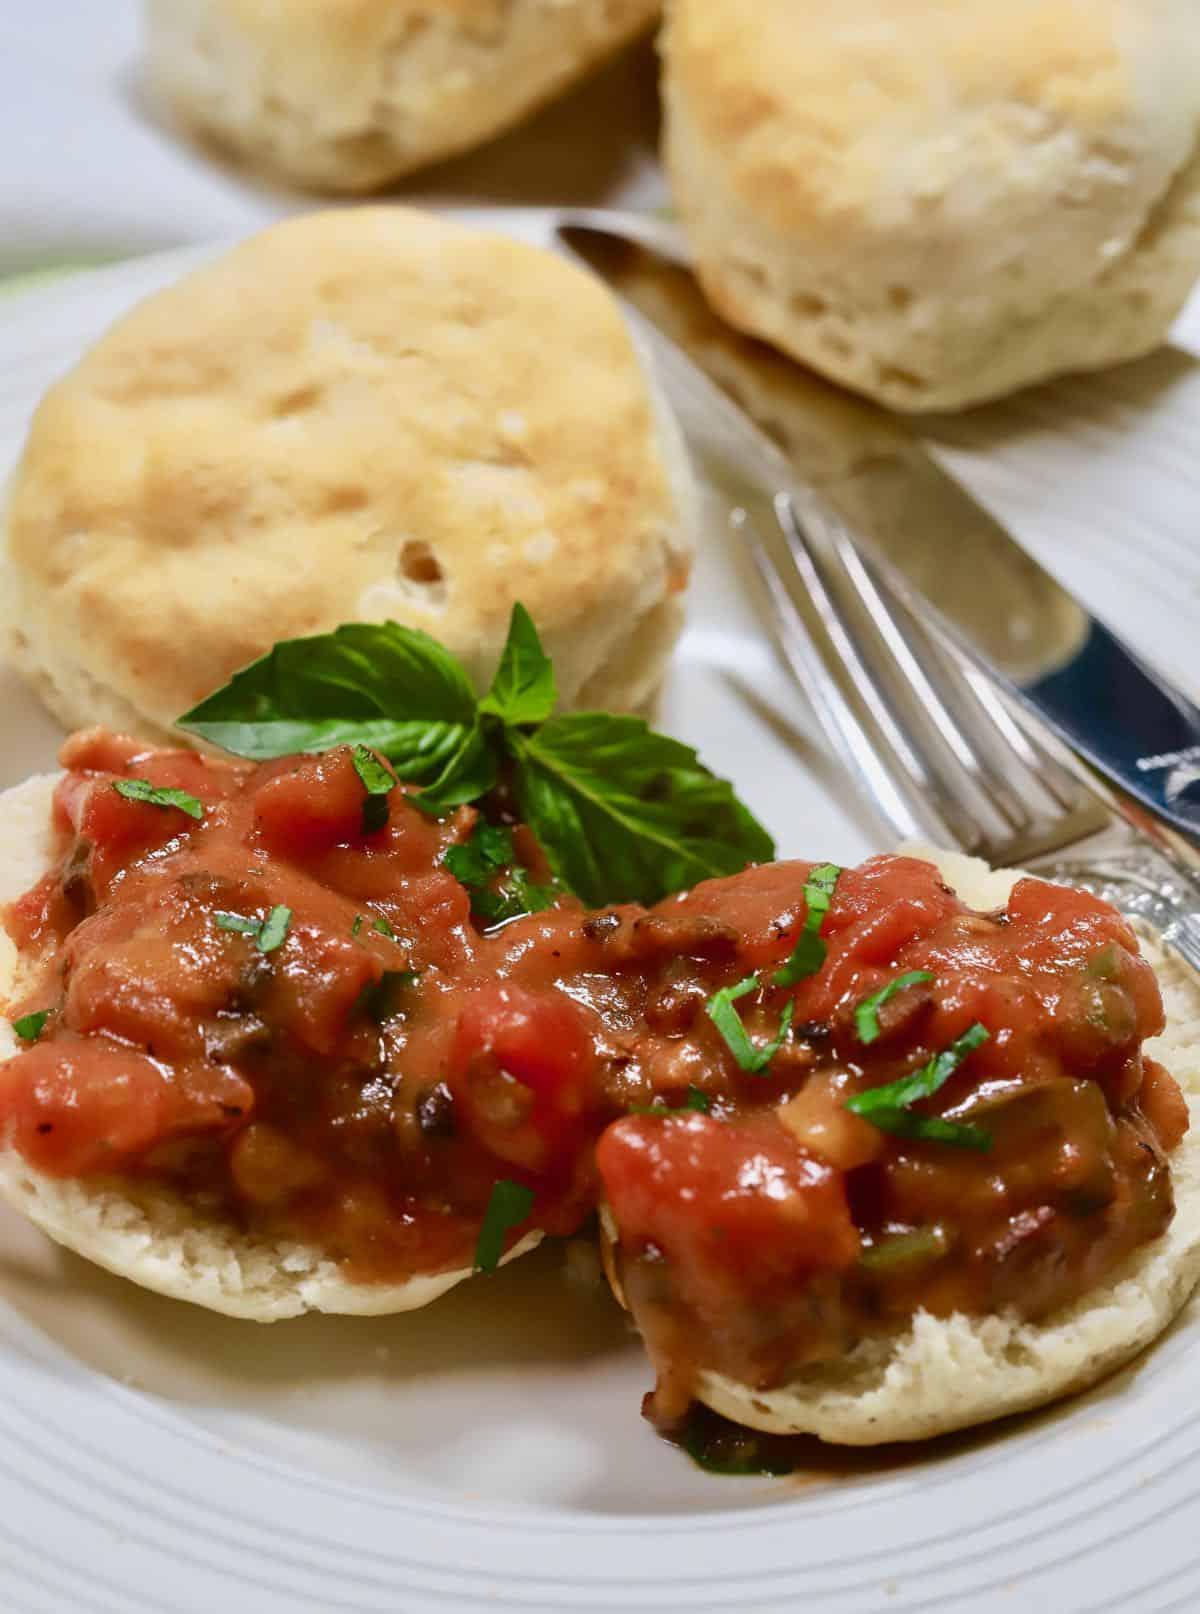 Tomato gravy over biscuit halves.